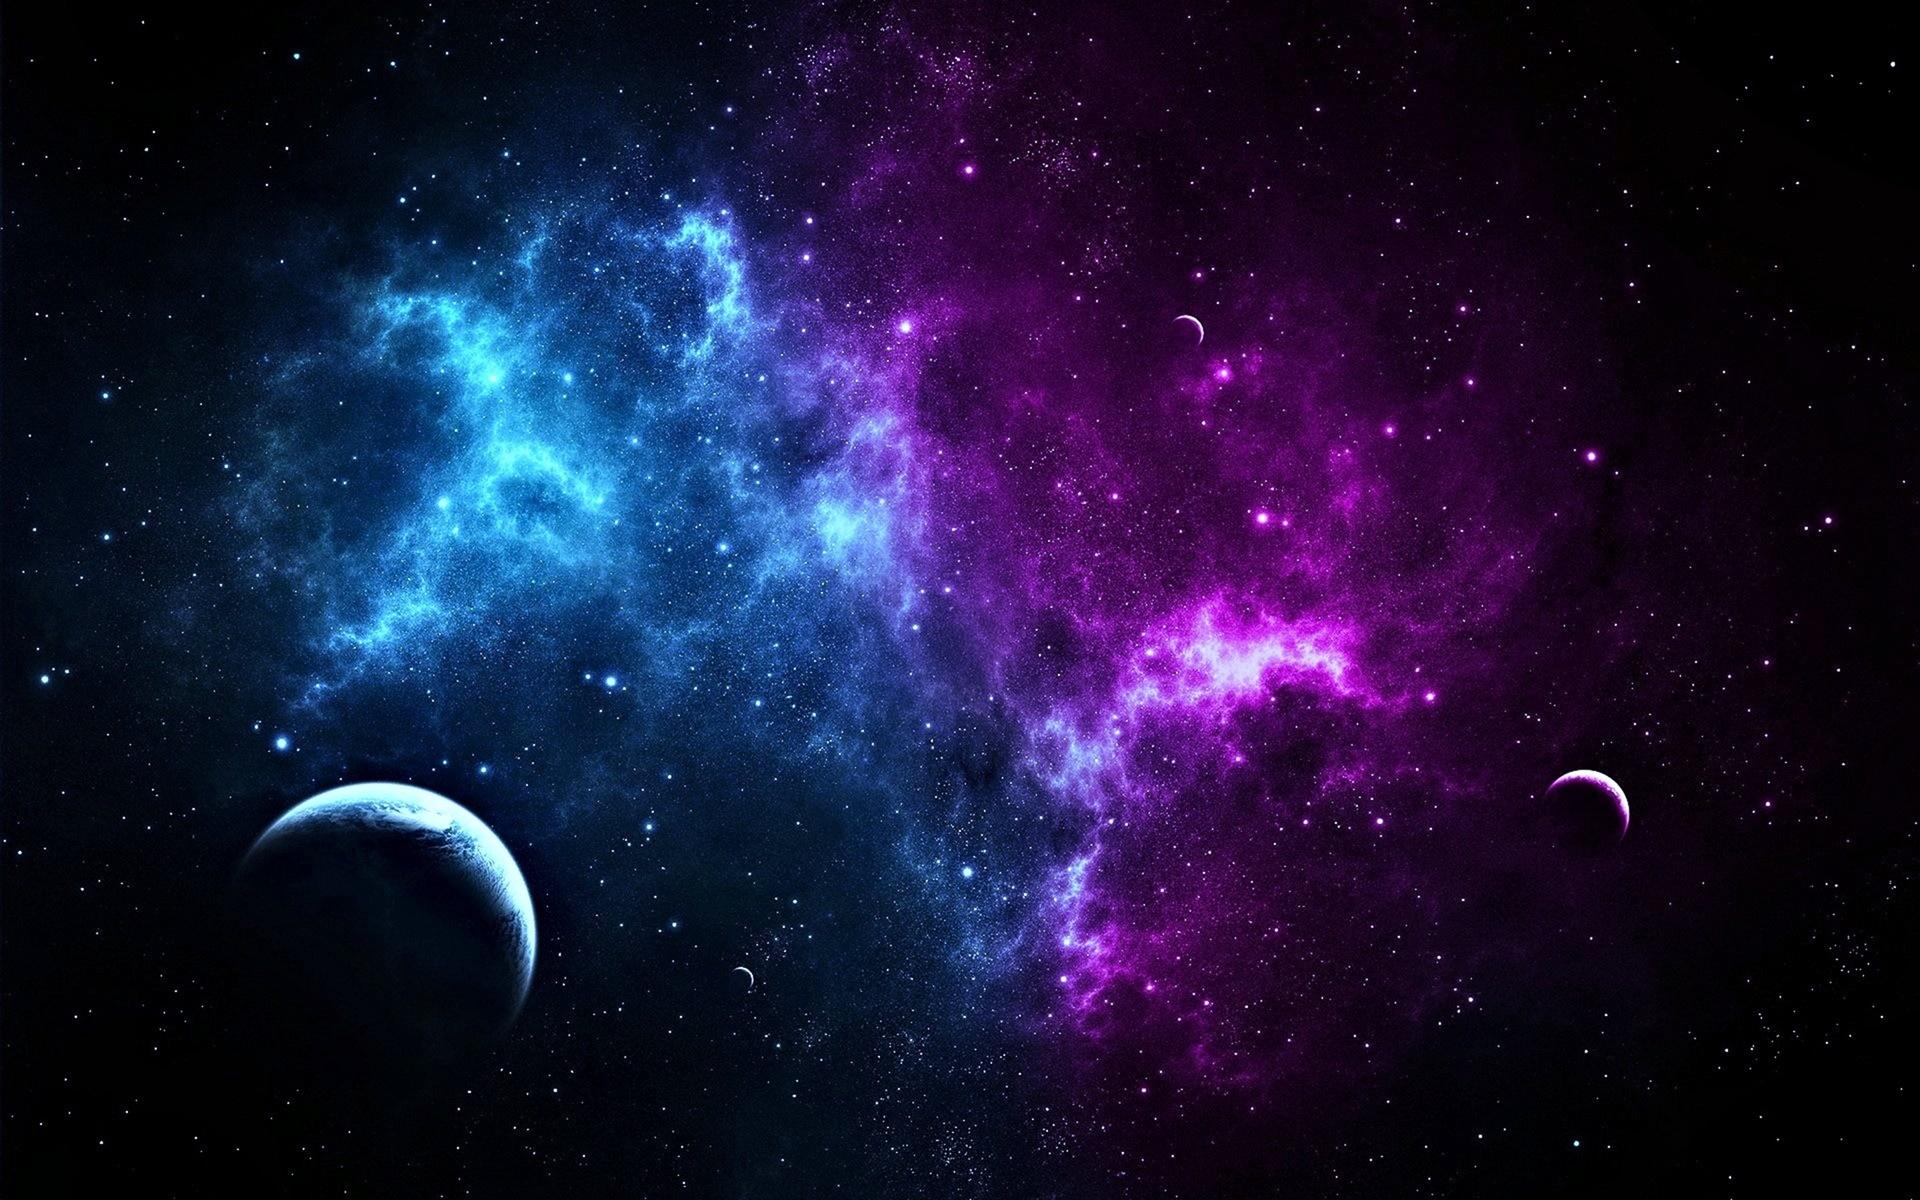 Ảnh Galaxy buổi đêm đẹp